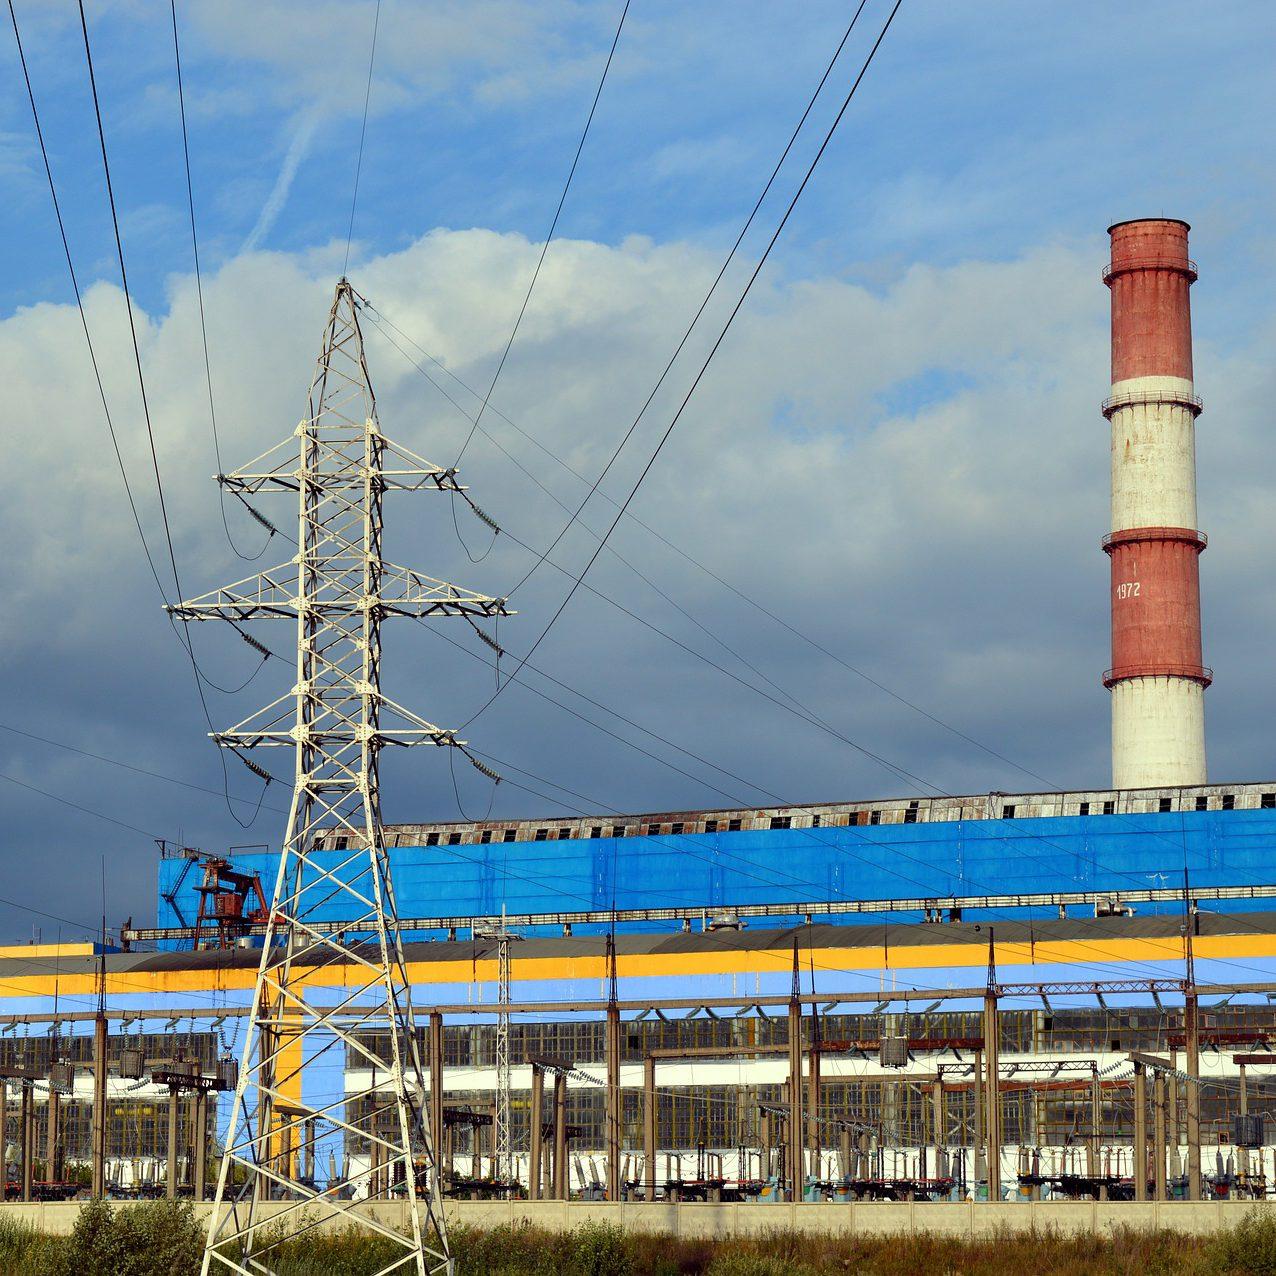 Klimaschutzrelevante Emissionsabgaben in der russischen Föderation: Eine interdisziplinäre Untersuchung ihrer Effizienz